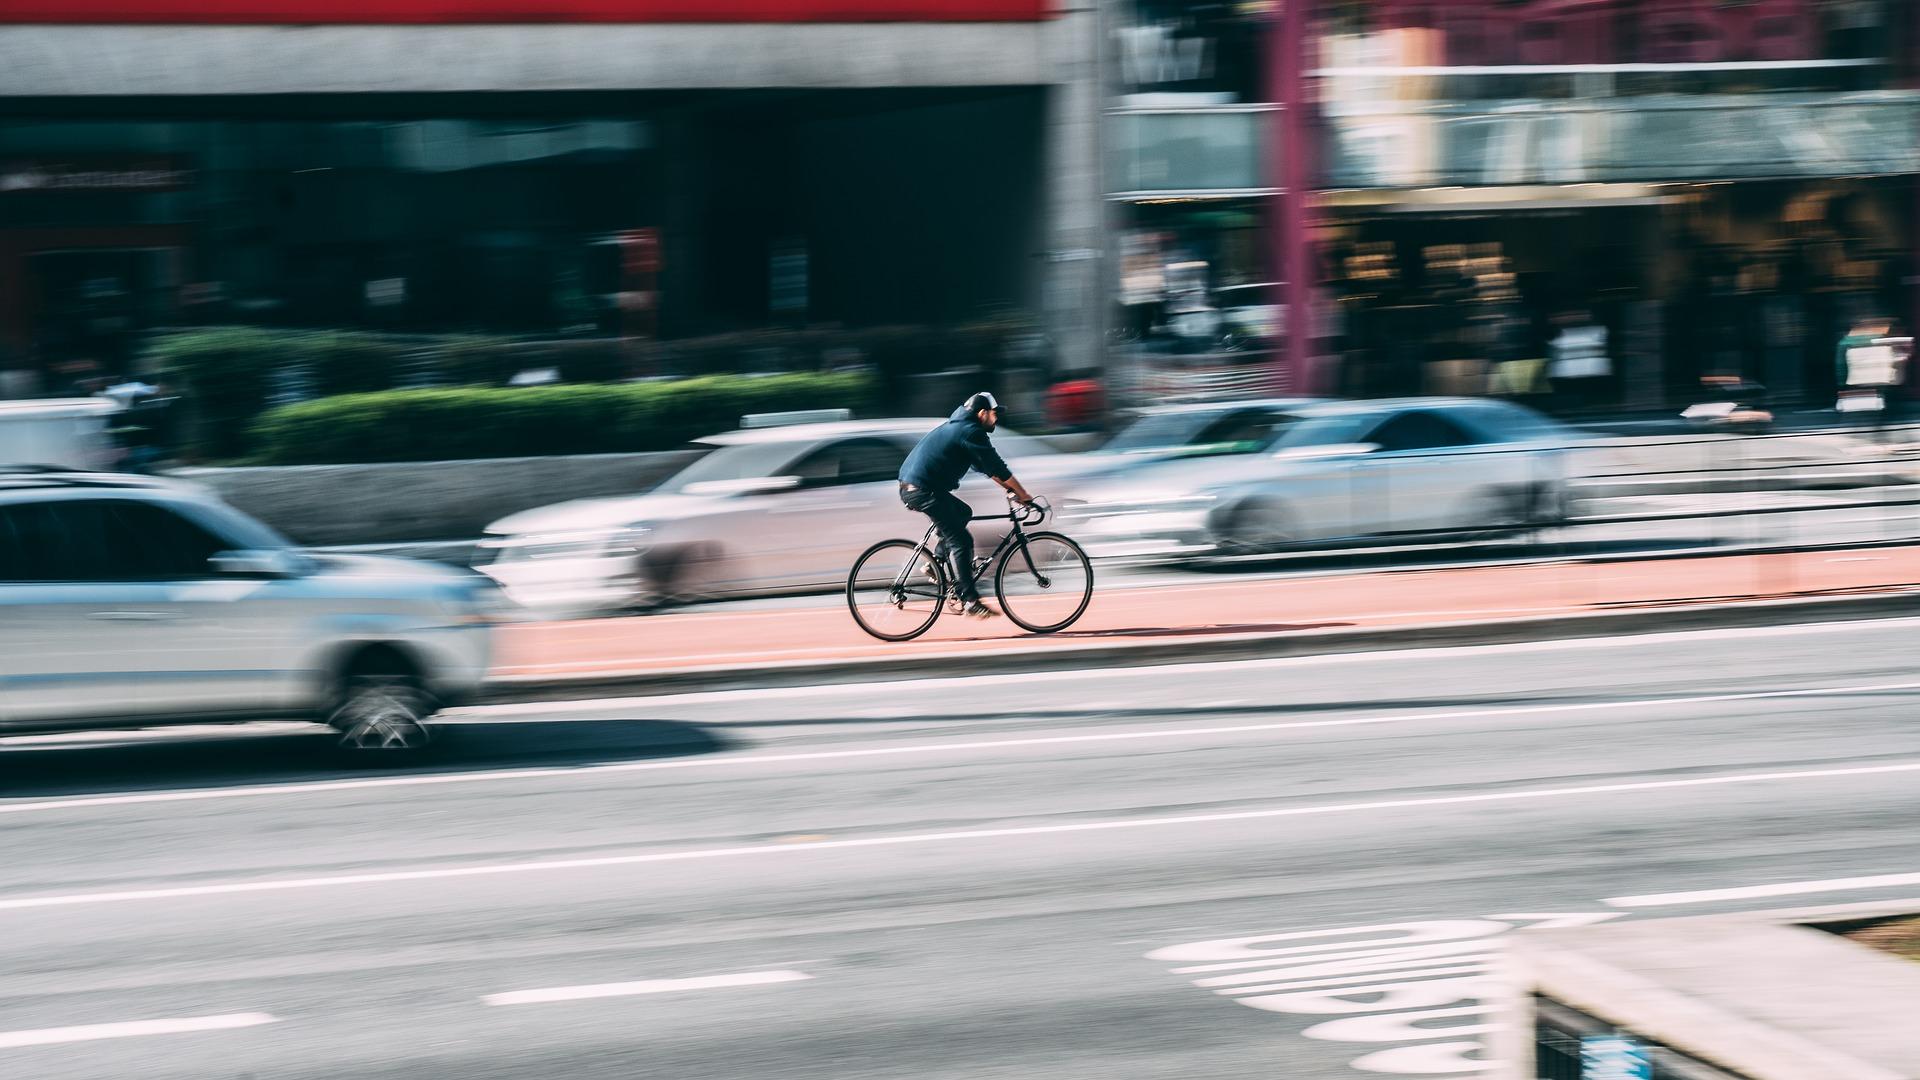 El mapa mental colectivo de la movilidad urbana